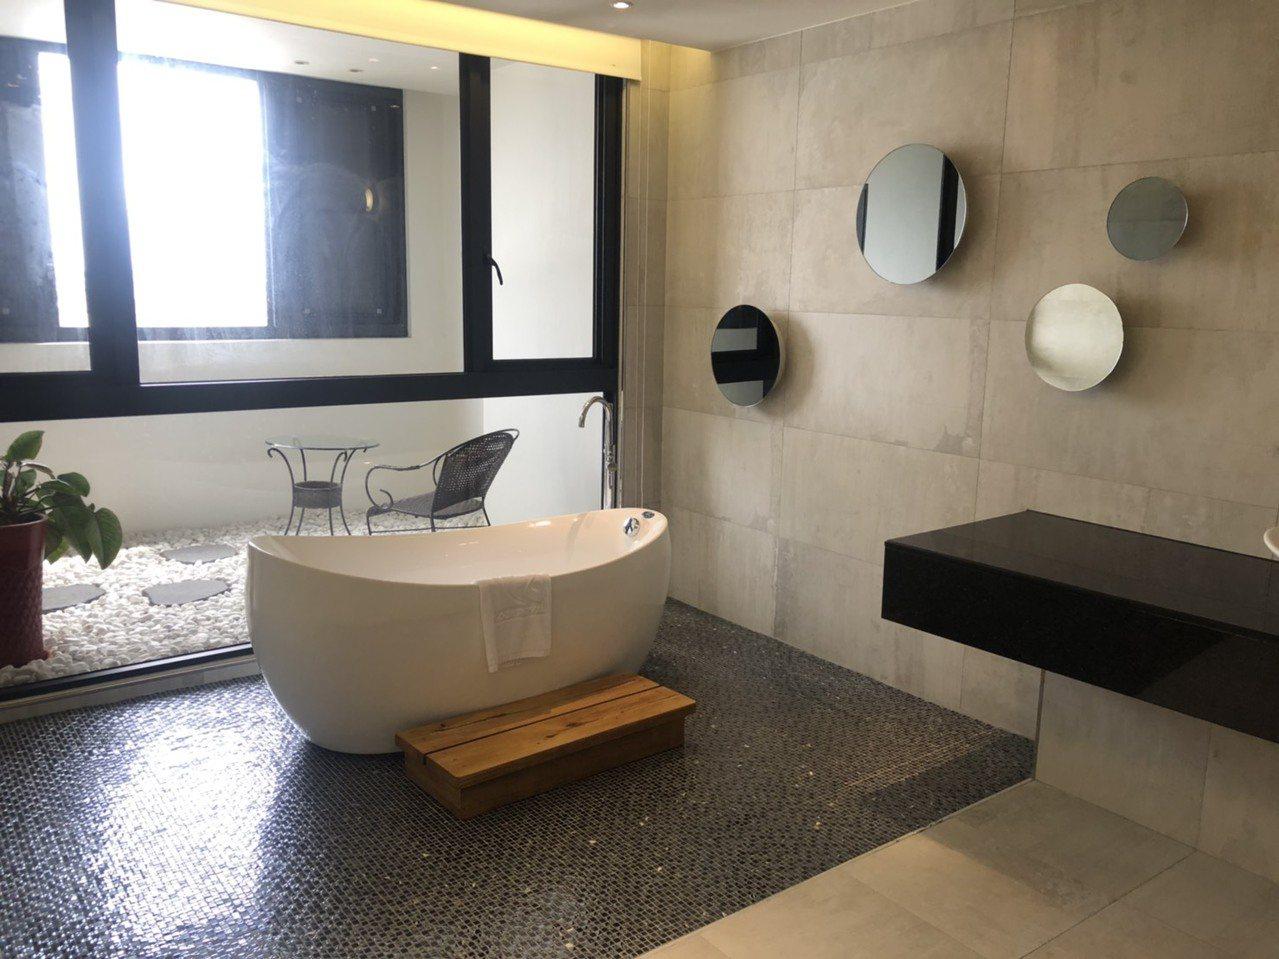 樂億皇家酒店房間寬敞明亮,連浴室都很時尚。記者李承穎/攝影